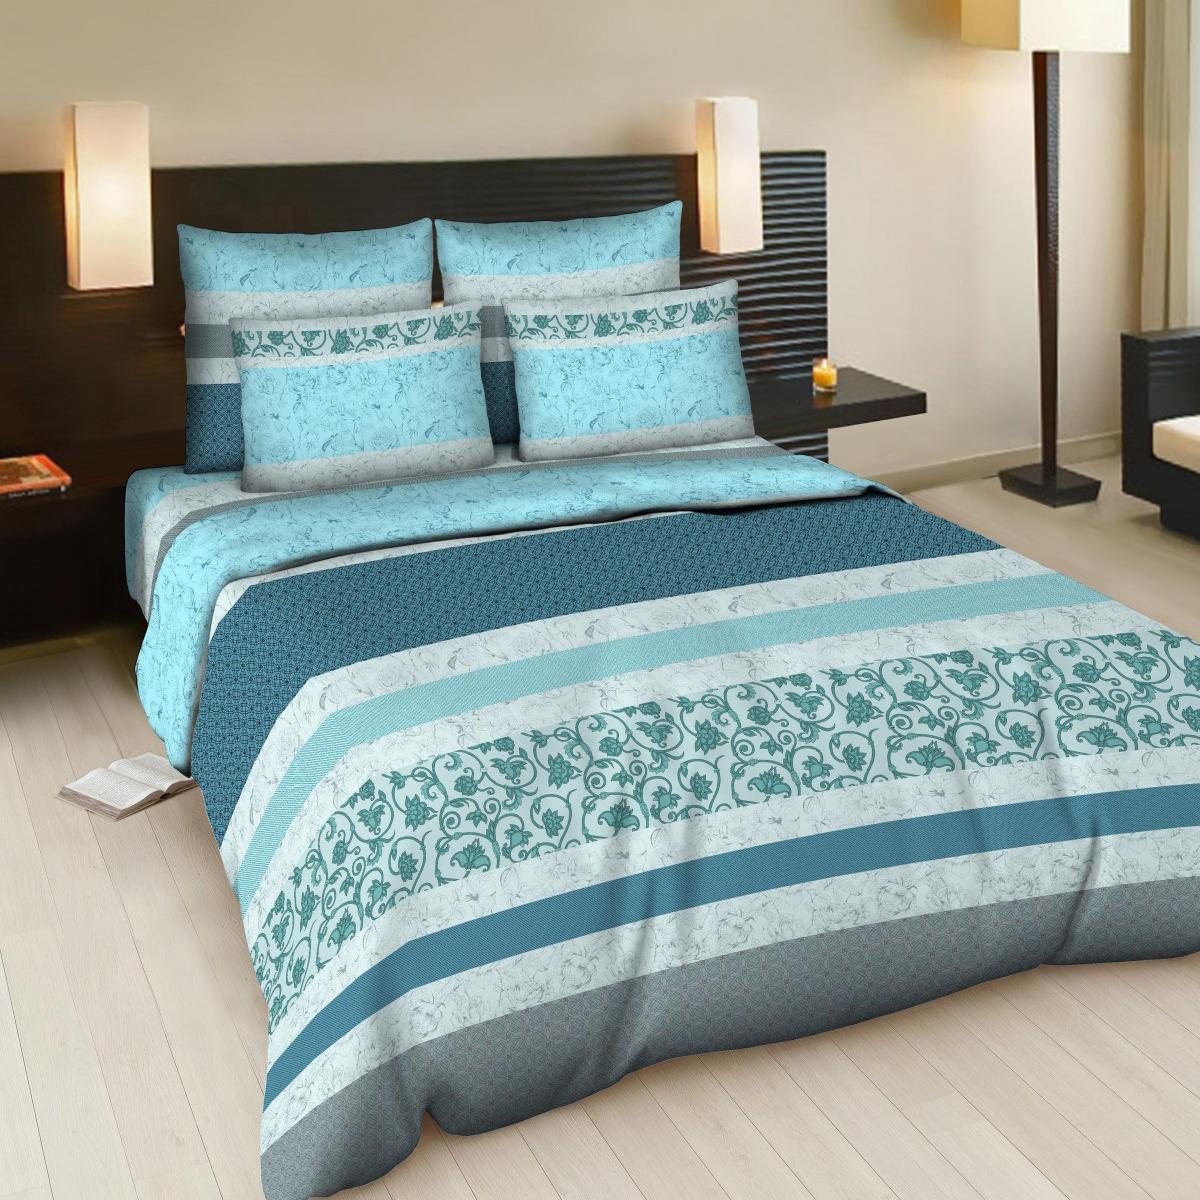 Комплект белья Letto Карнелия, 2-спальный, наволочки 70х70, цвет: голубой, серый, синийВ83-4Комплект постельного белья Letto Карнелия выполнен из бязи (100% натурального хлопка). Комплект состоит из пододеяльника, простыни и двух наволочек. Постельное белье оформлено ярким красочным рисунком.Гладкая структура делает ткань приятной на ощупь, мягкой и нежной, при этом она прочная и хорошо сохраняет форму. Благодаря такому комплекту постельного белья вы сможете создать атмосферу роскоши и романтики в вашей спальне.